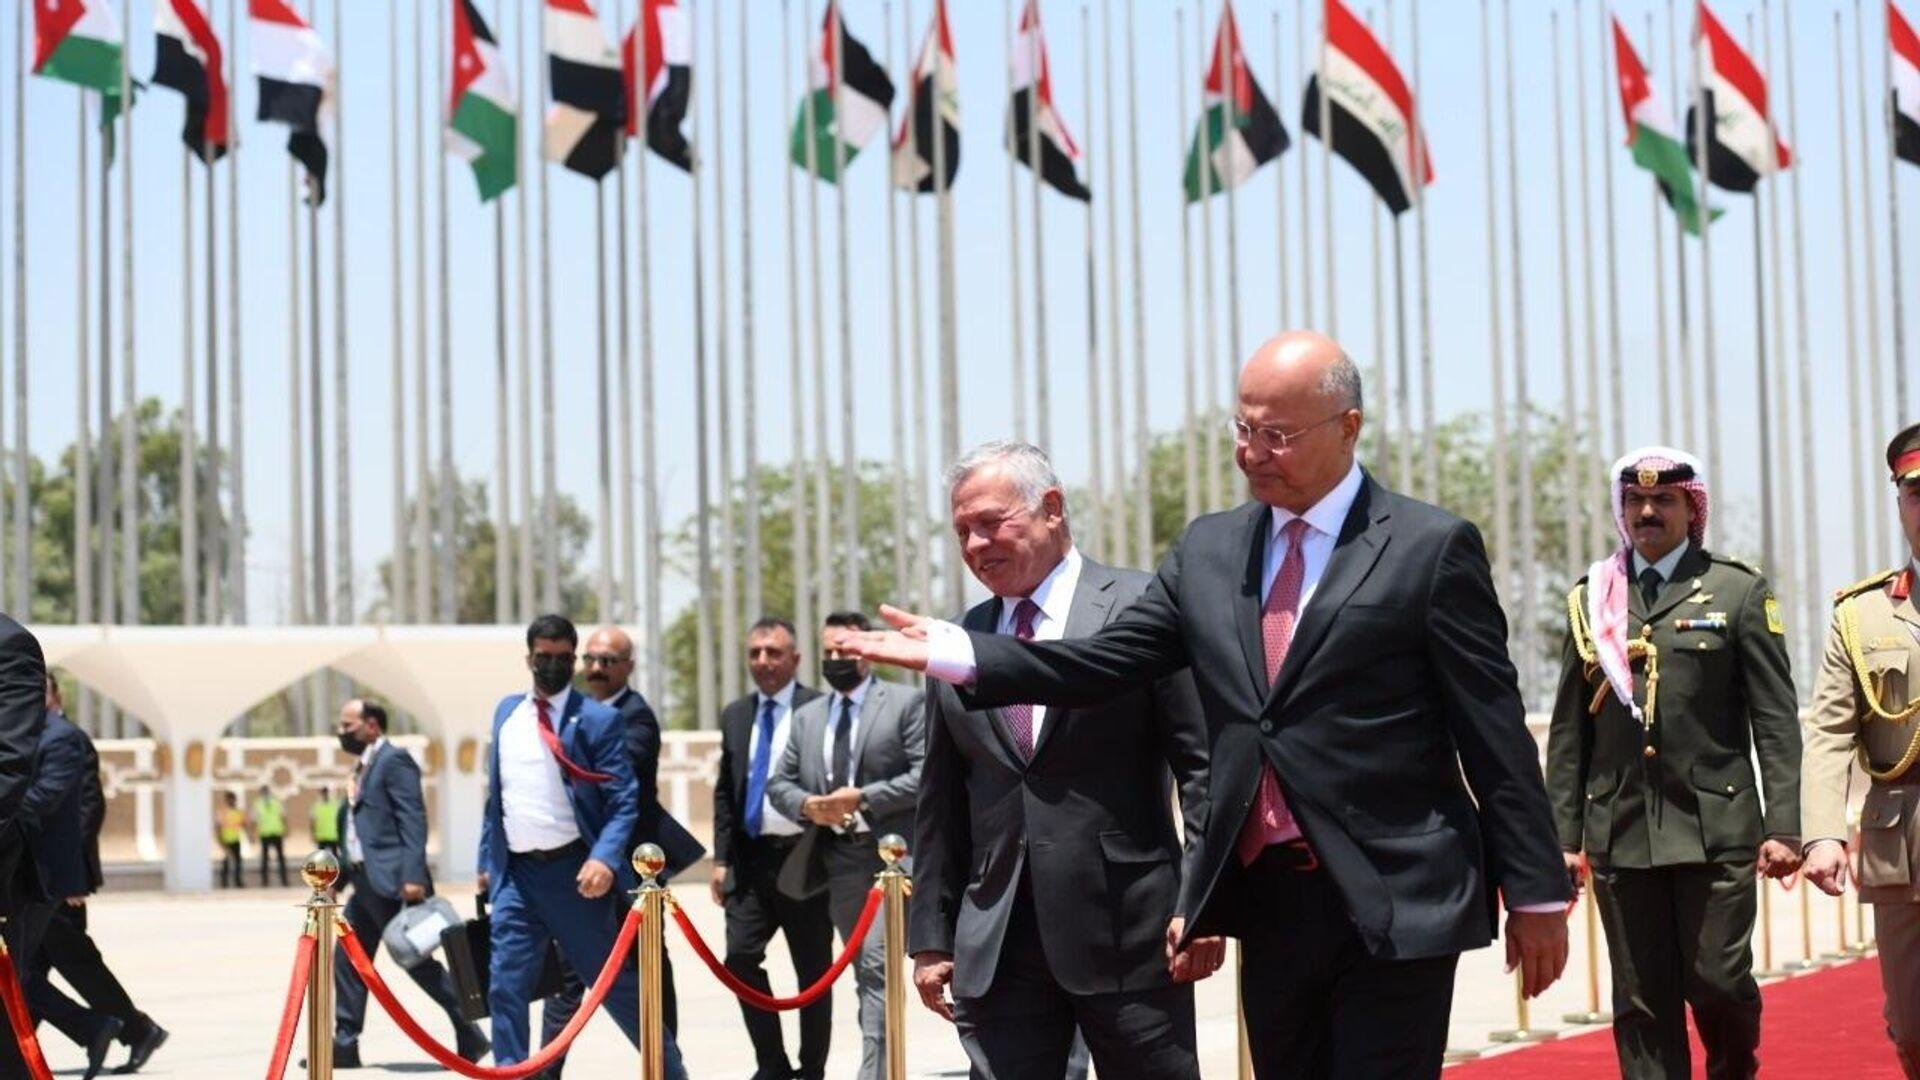 Il presidente iraqeno Salih accoglie il re di Giordania Abdullah - Sputnik Italia, 1920, 27.06.2021